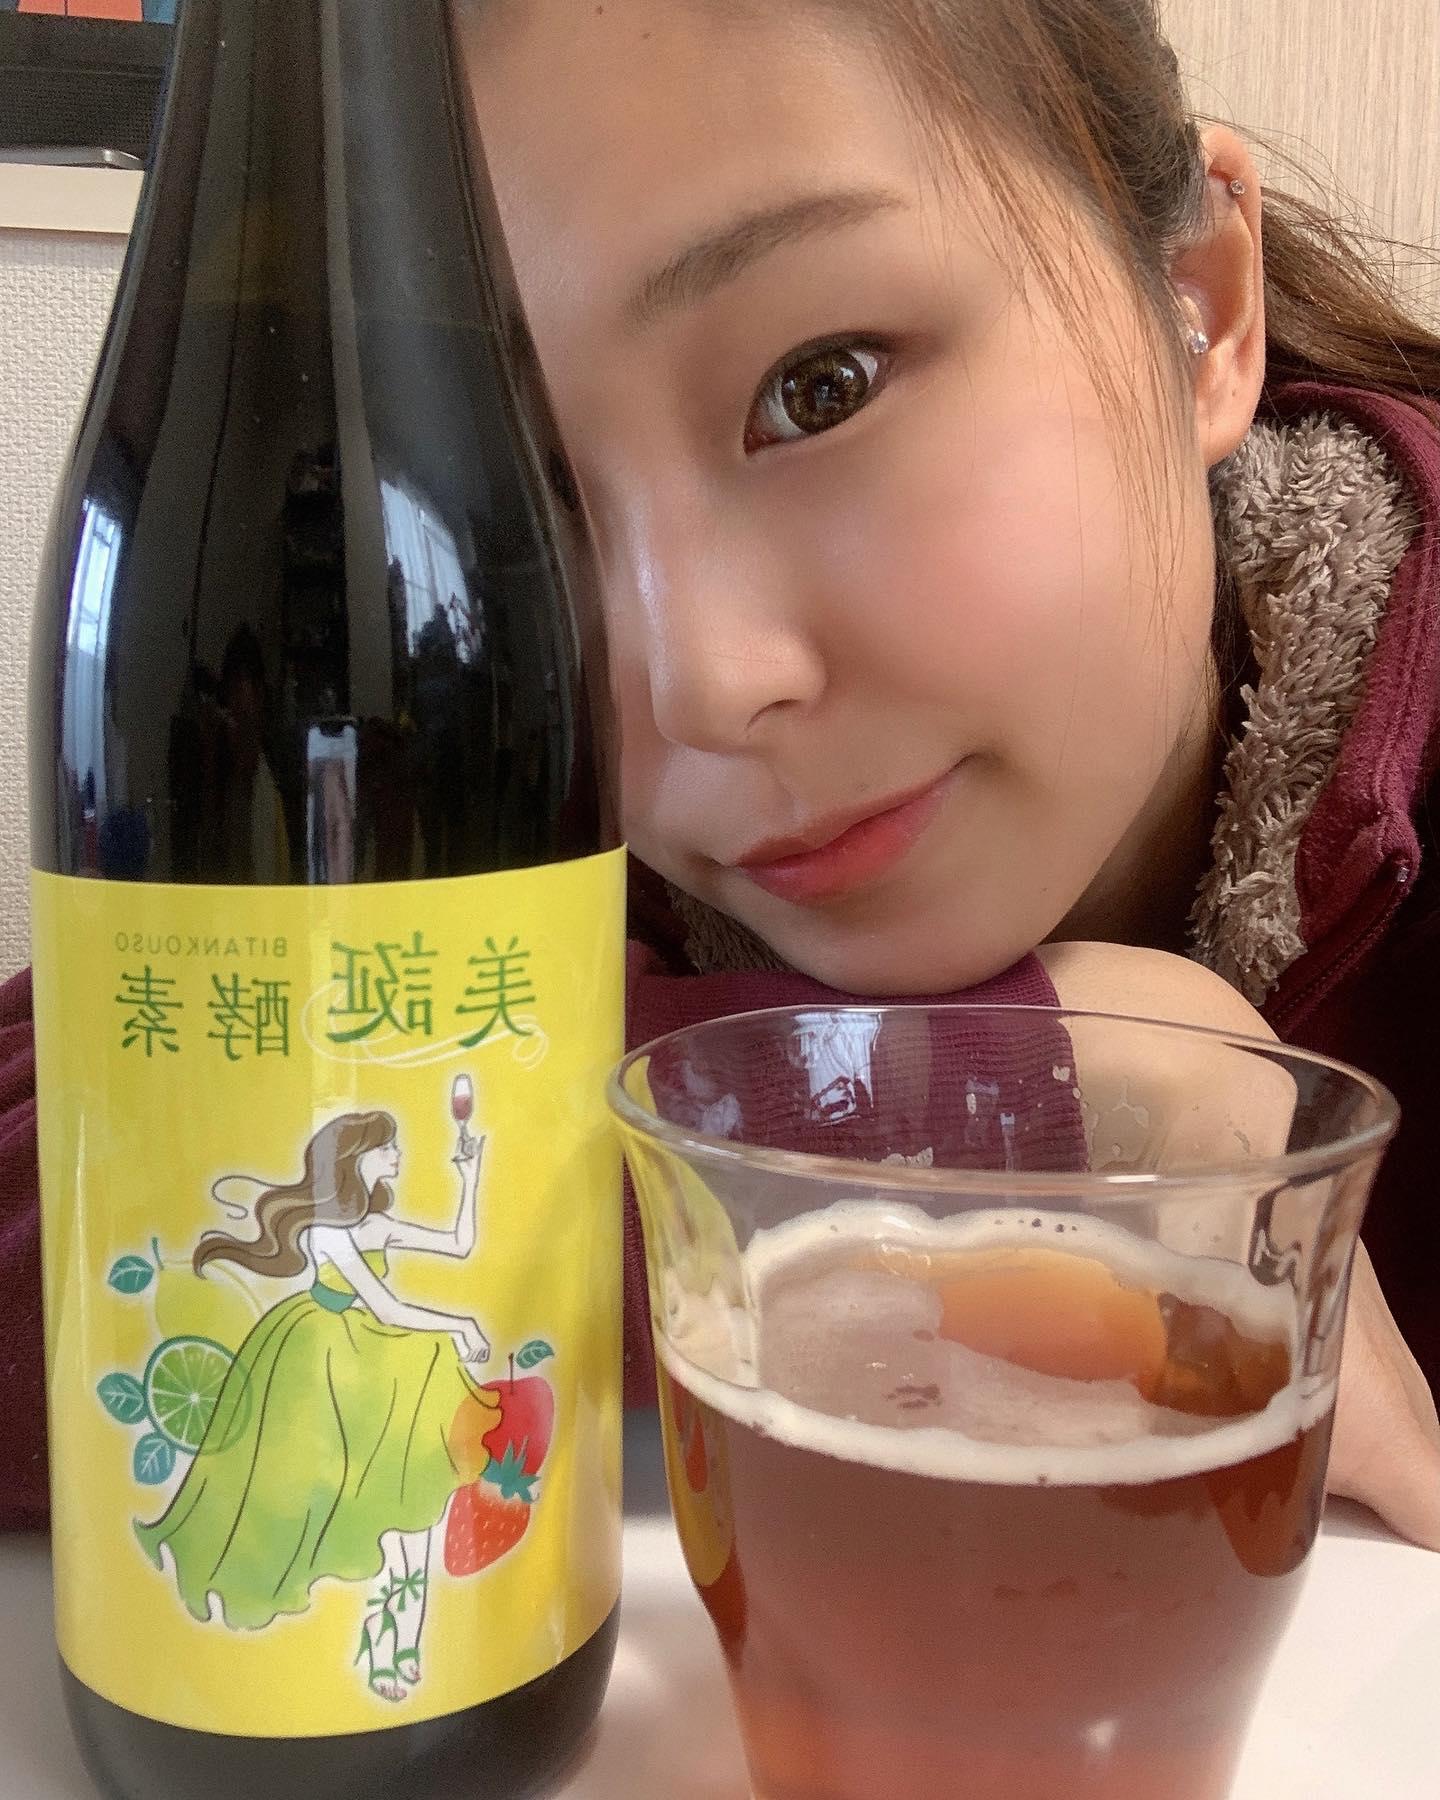 口コミ投稿:.健康コーポレーション(株)様より植物性乳酸菌発酵飲料の美誕酵素飲んでみてます…